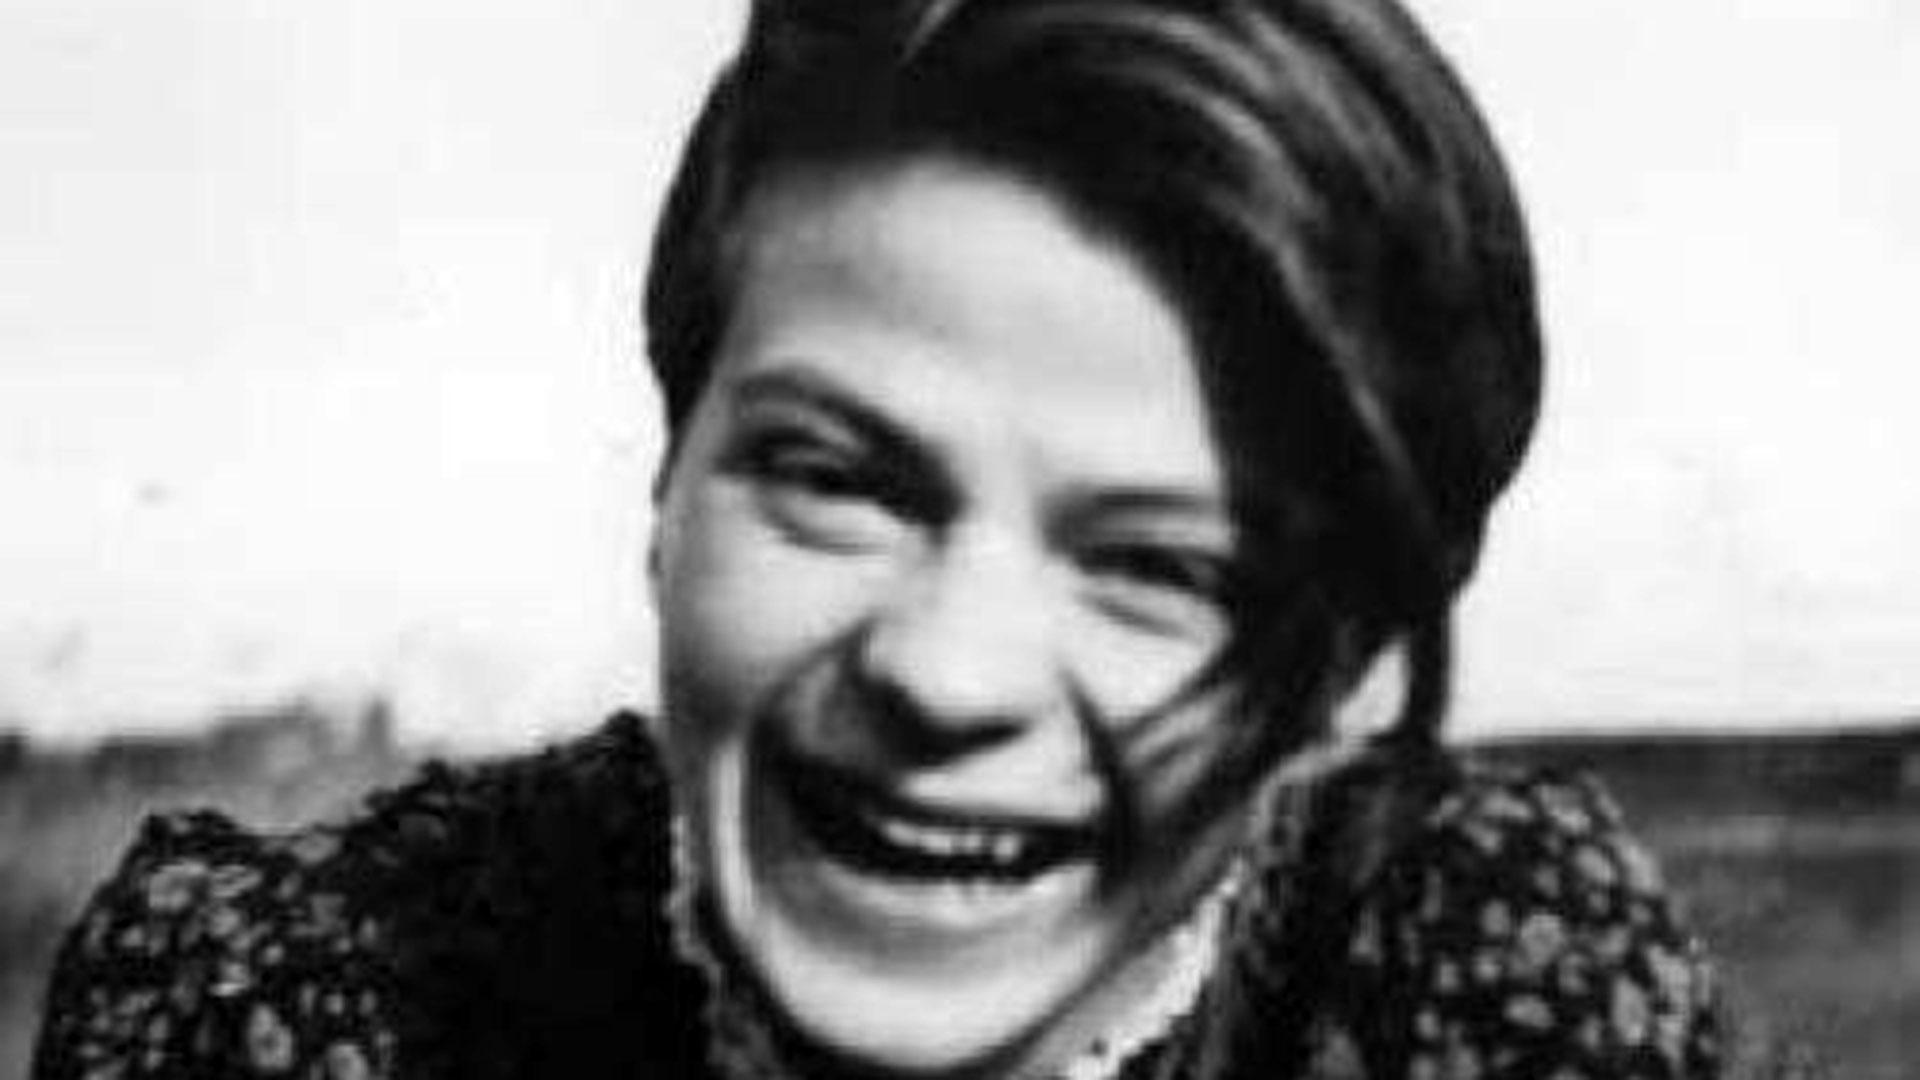 La trágica historia de Sophie Scholl, la joven de 21 años que se opuso a  Hitler y fue ejecutada en la guillotina - Infobae